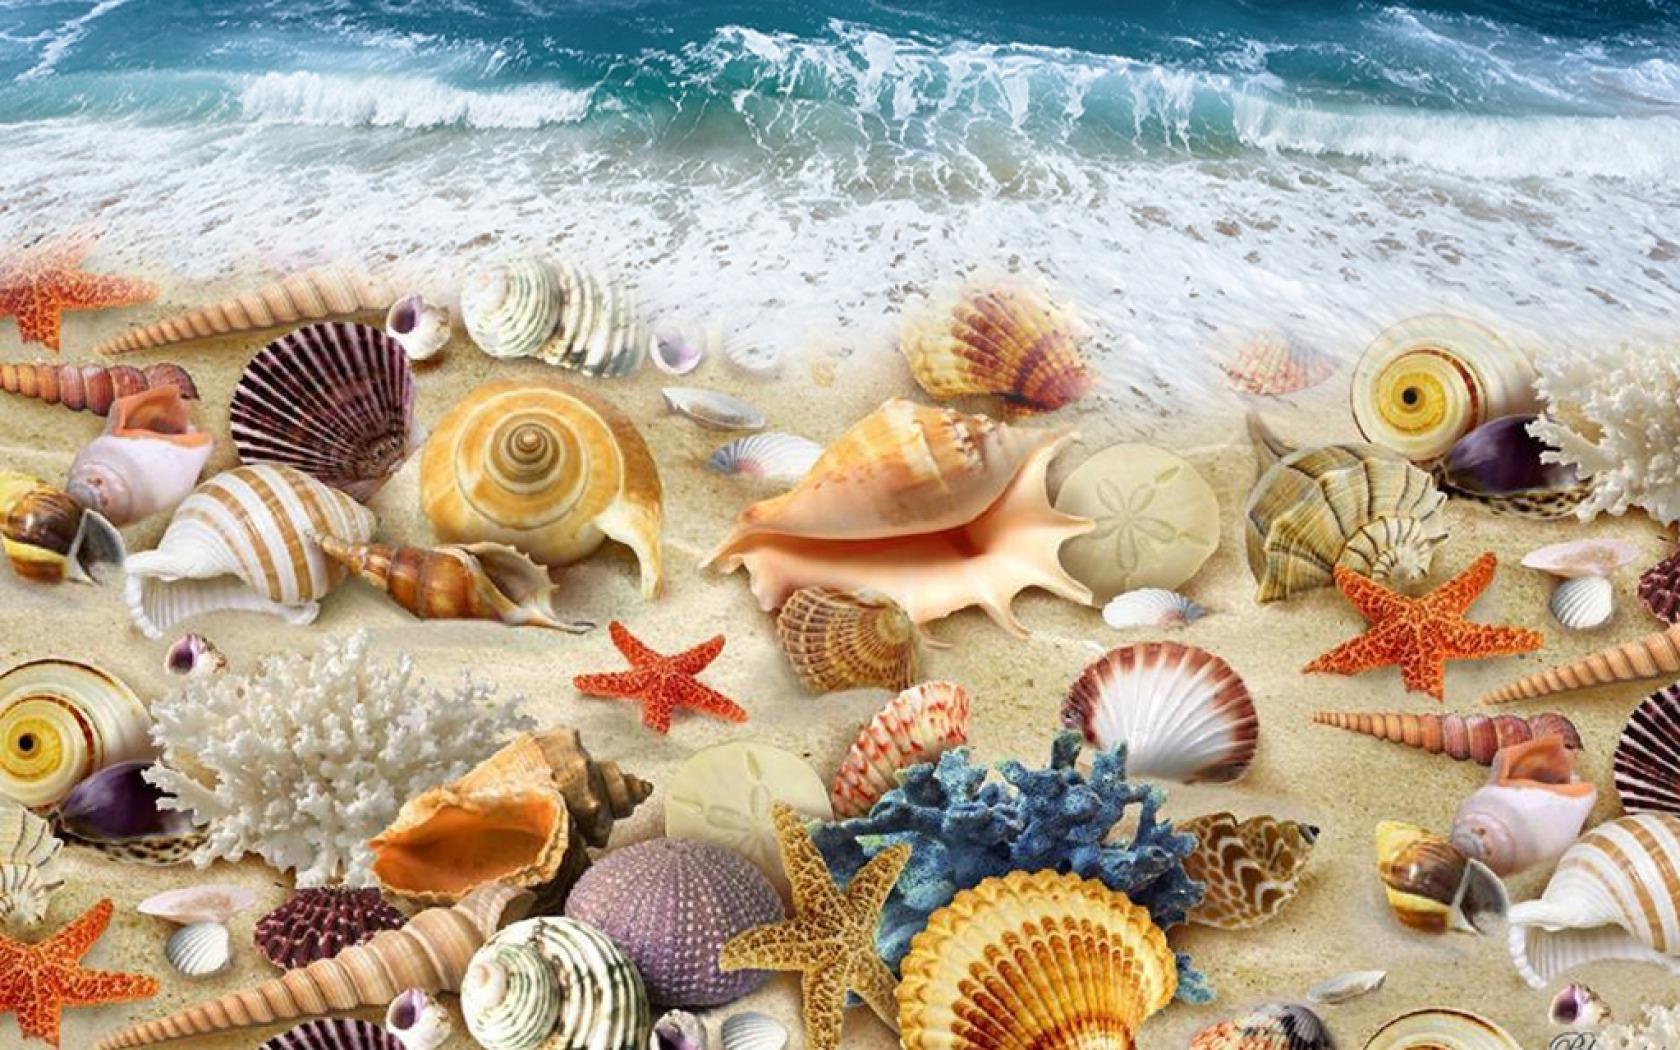 Sfondilandia immagini e wallpaper natura paesaggi e animali for Sfondilandia mare